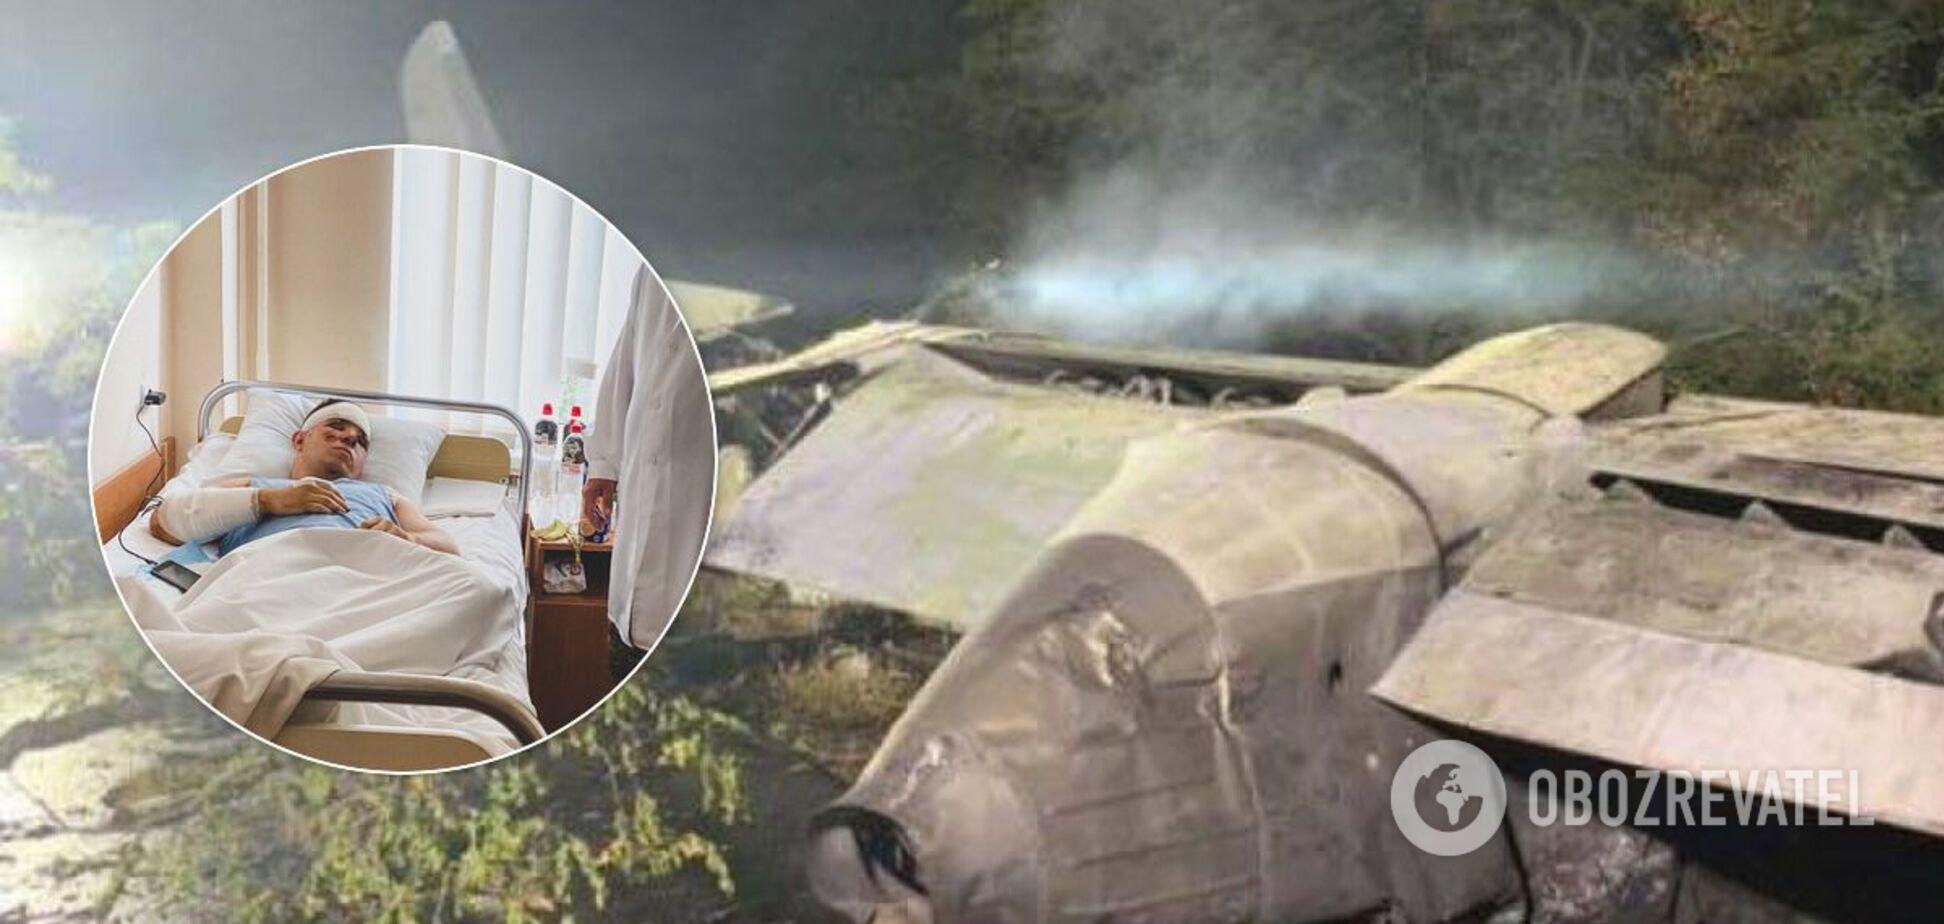 Повідомили подробиці про стан курсанта, який вижив у катастрофі Ан-26